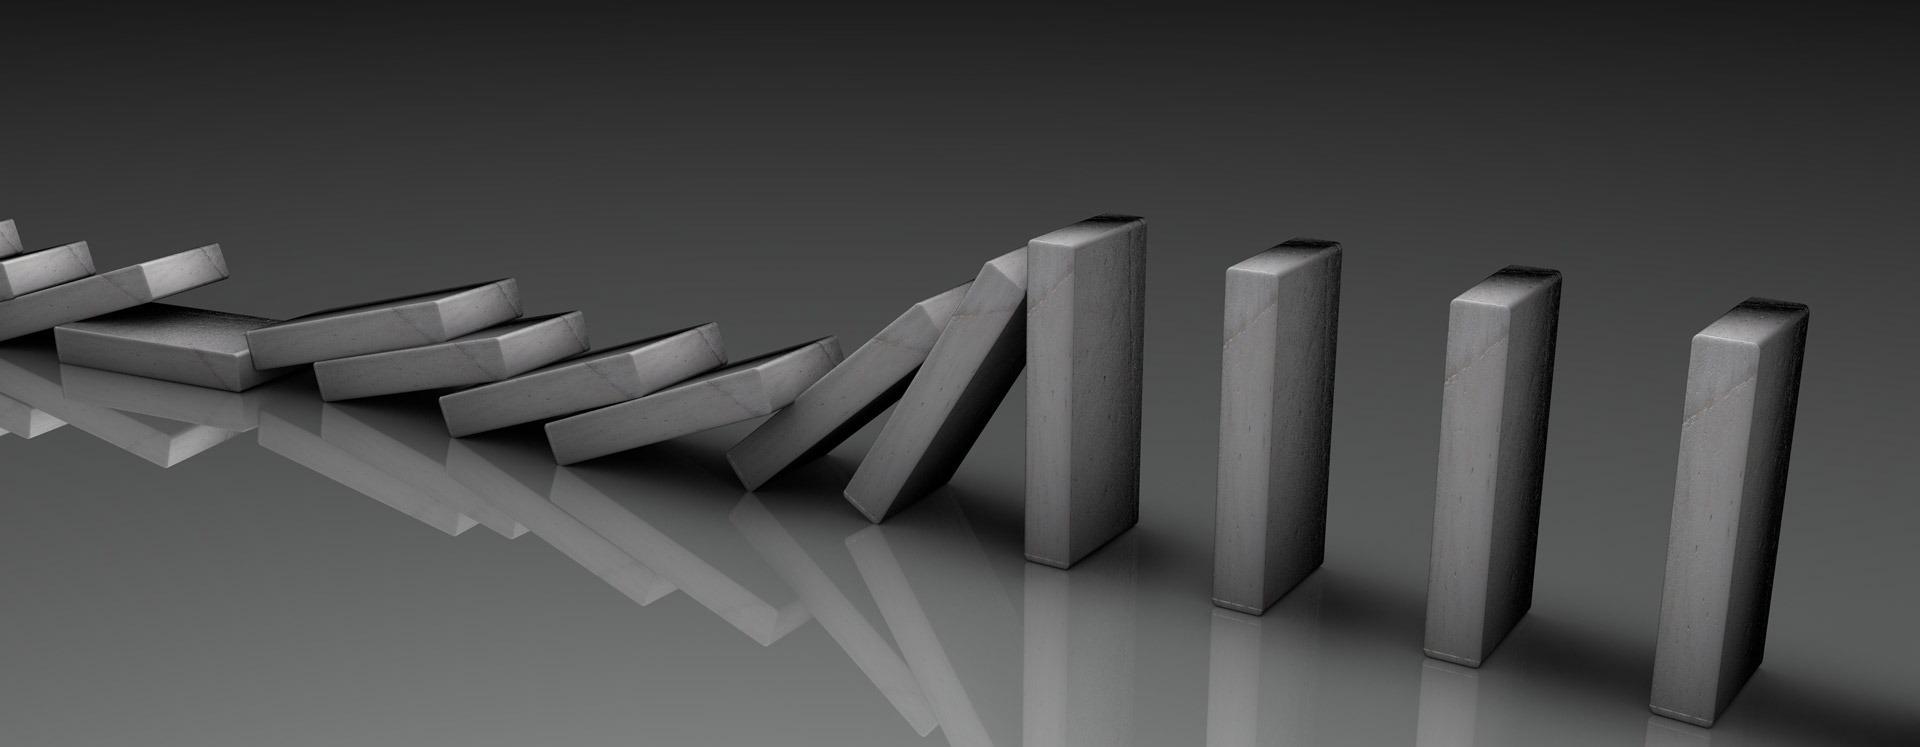 Domino 163522